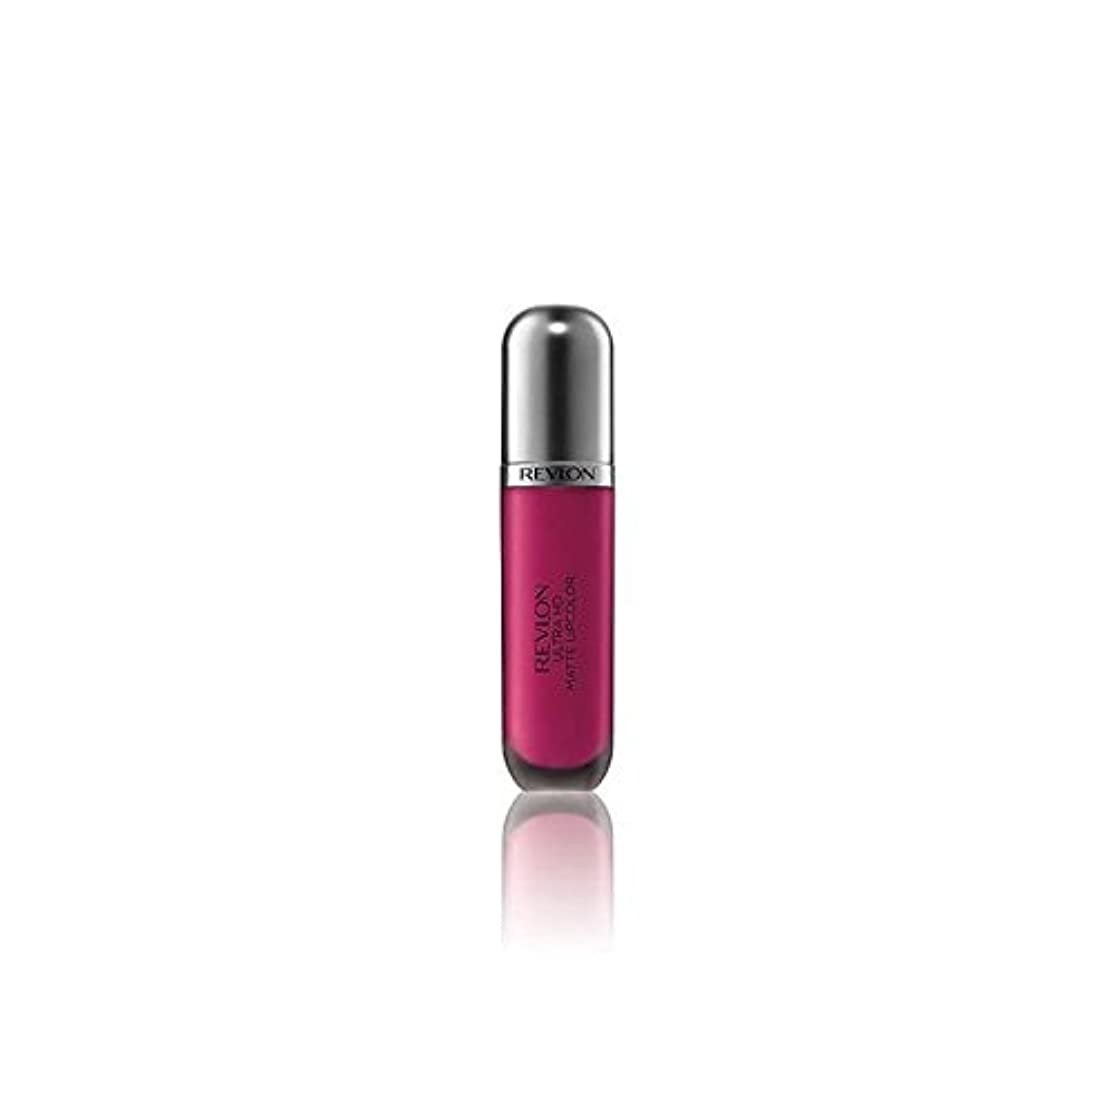 飛行場不器用段階Revlon Ultra HD Matte Lipstick Addiction 5.9ml - レブロンウルトラマット口紅中毒5.9ミリリットル [並行輸入品]